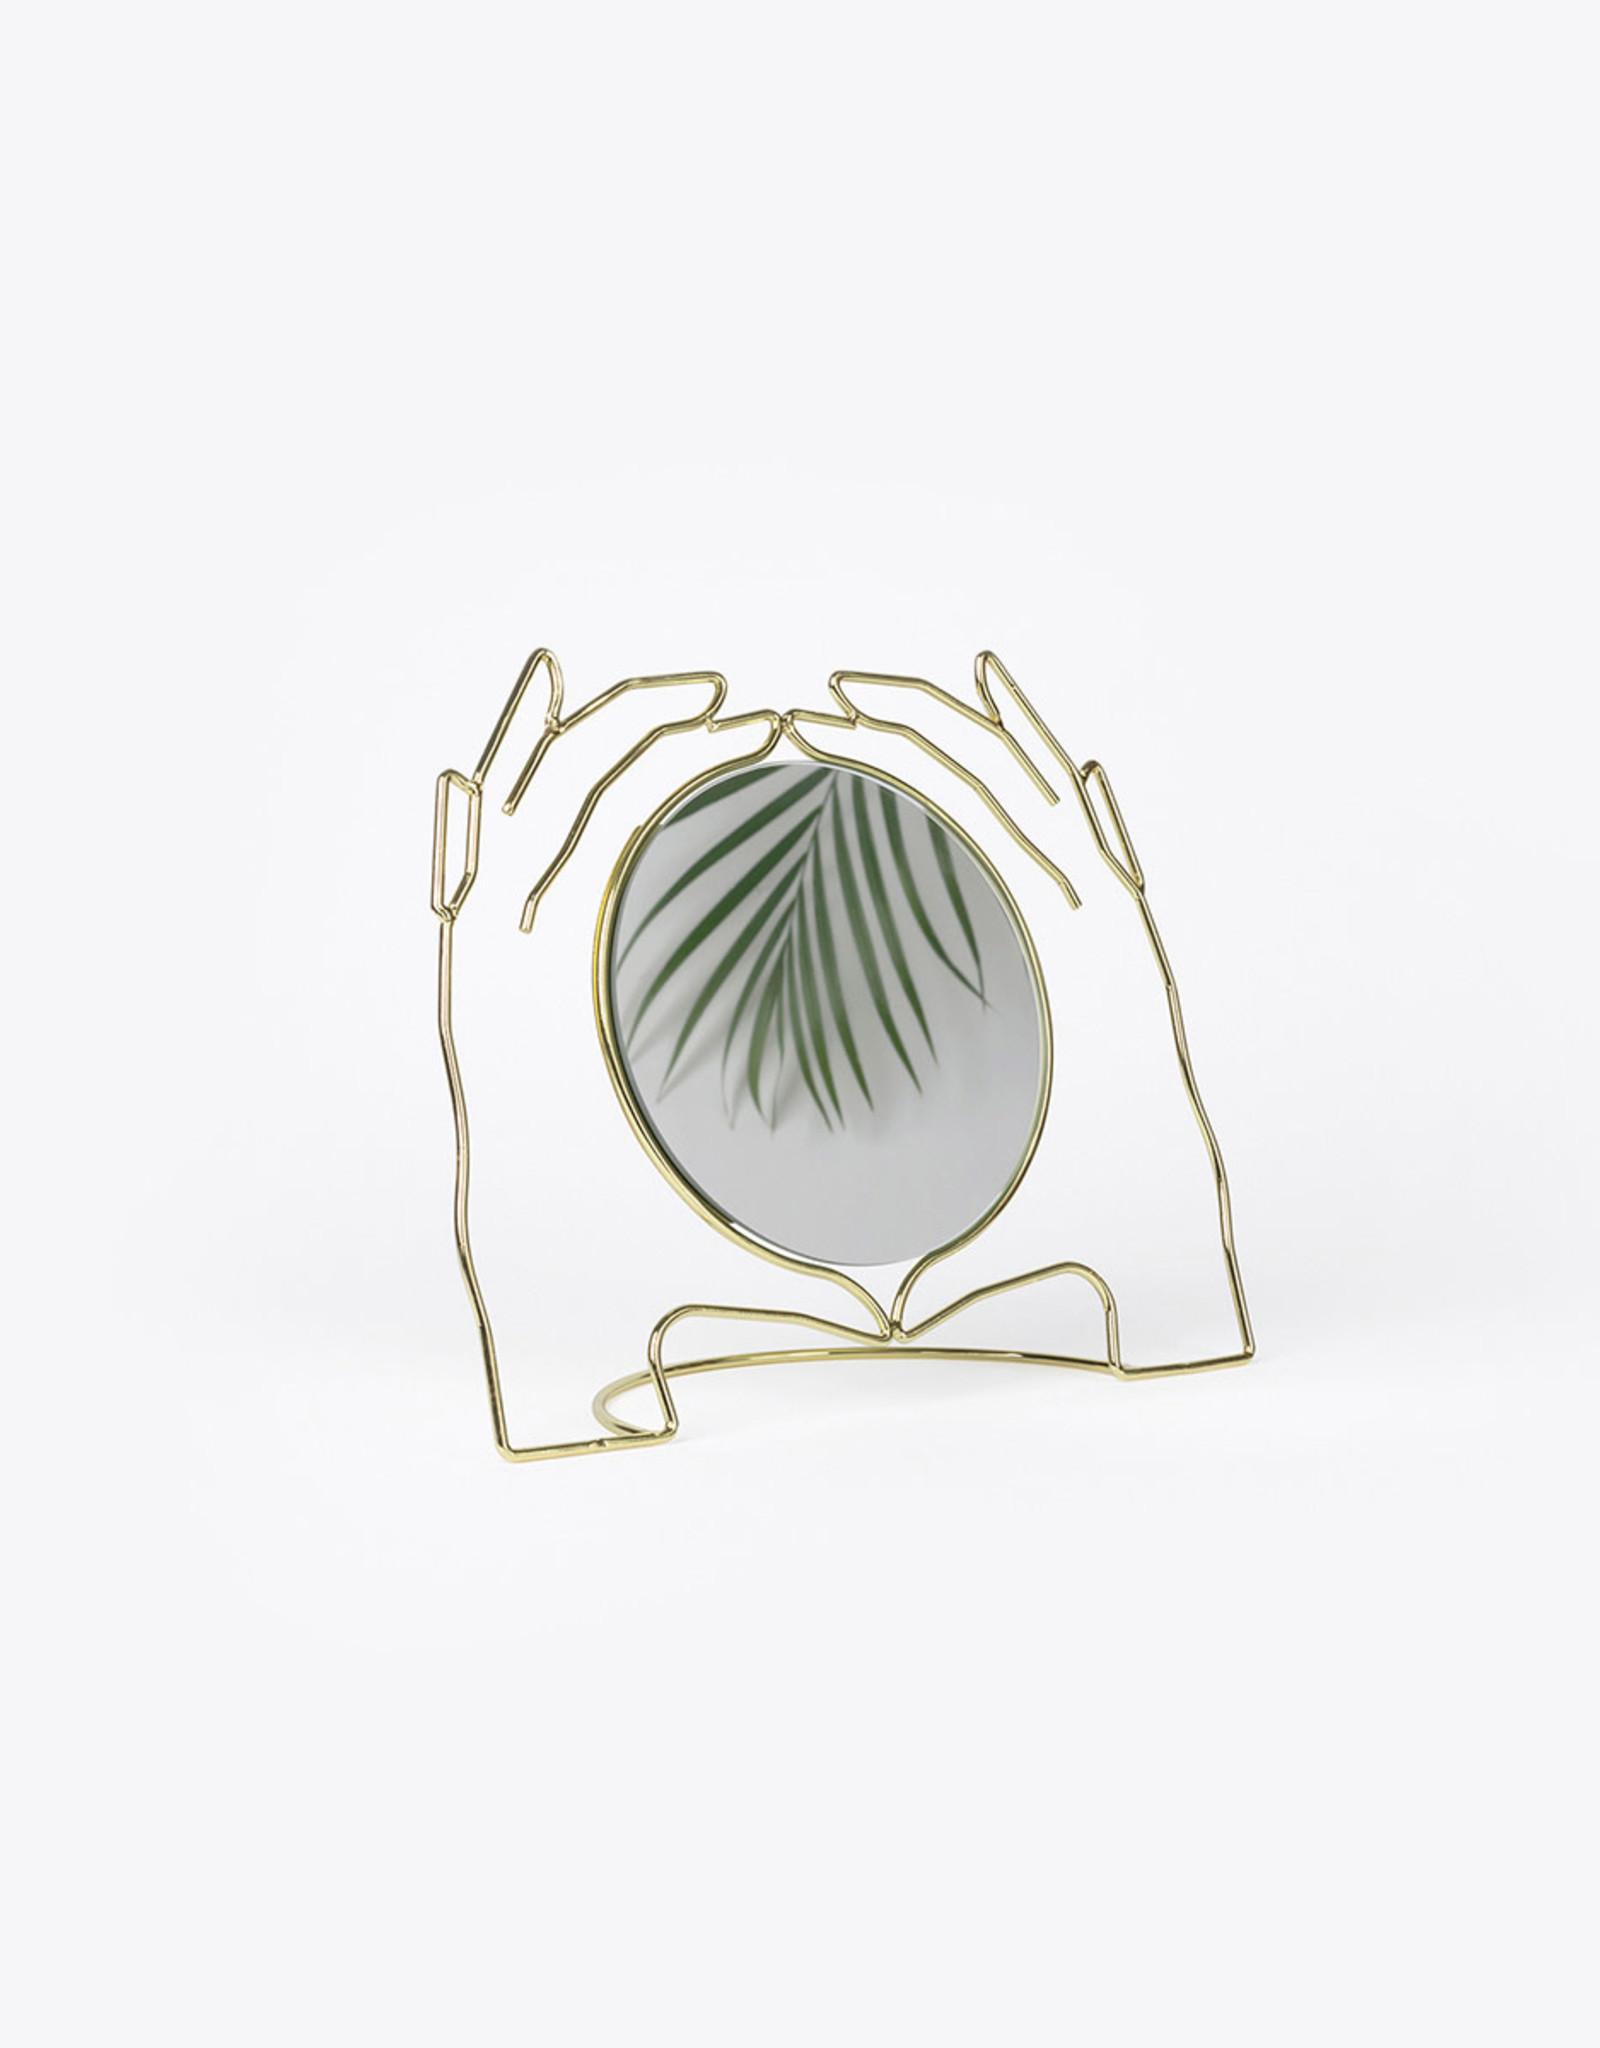 DOIY Miroir de table - Xéria